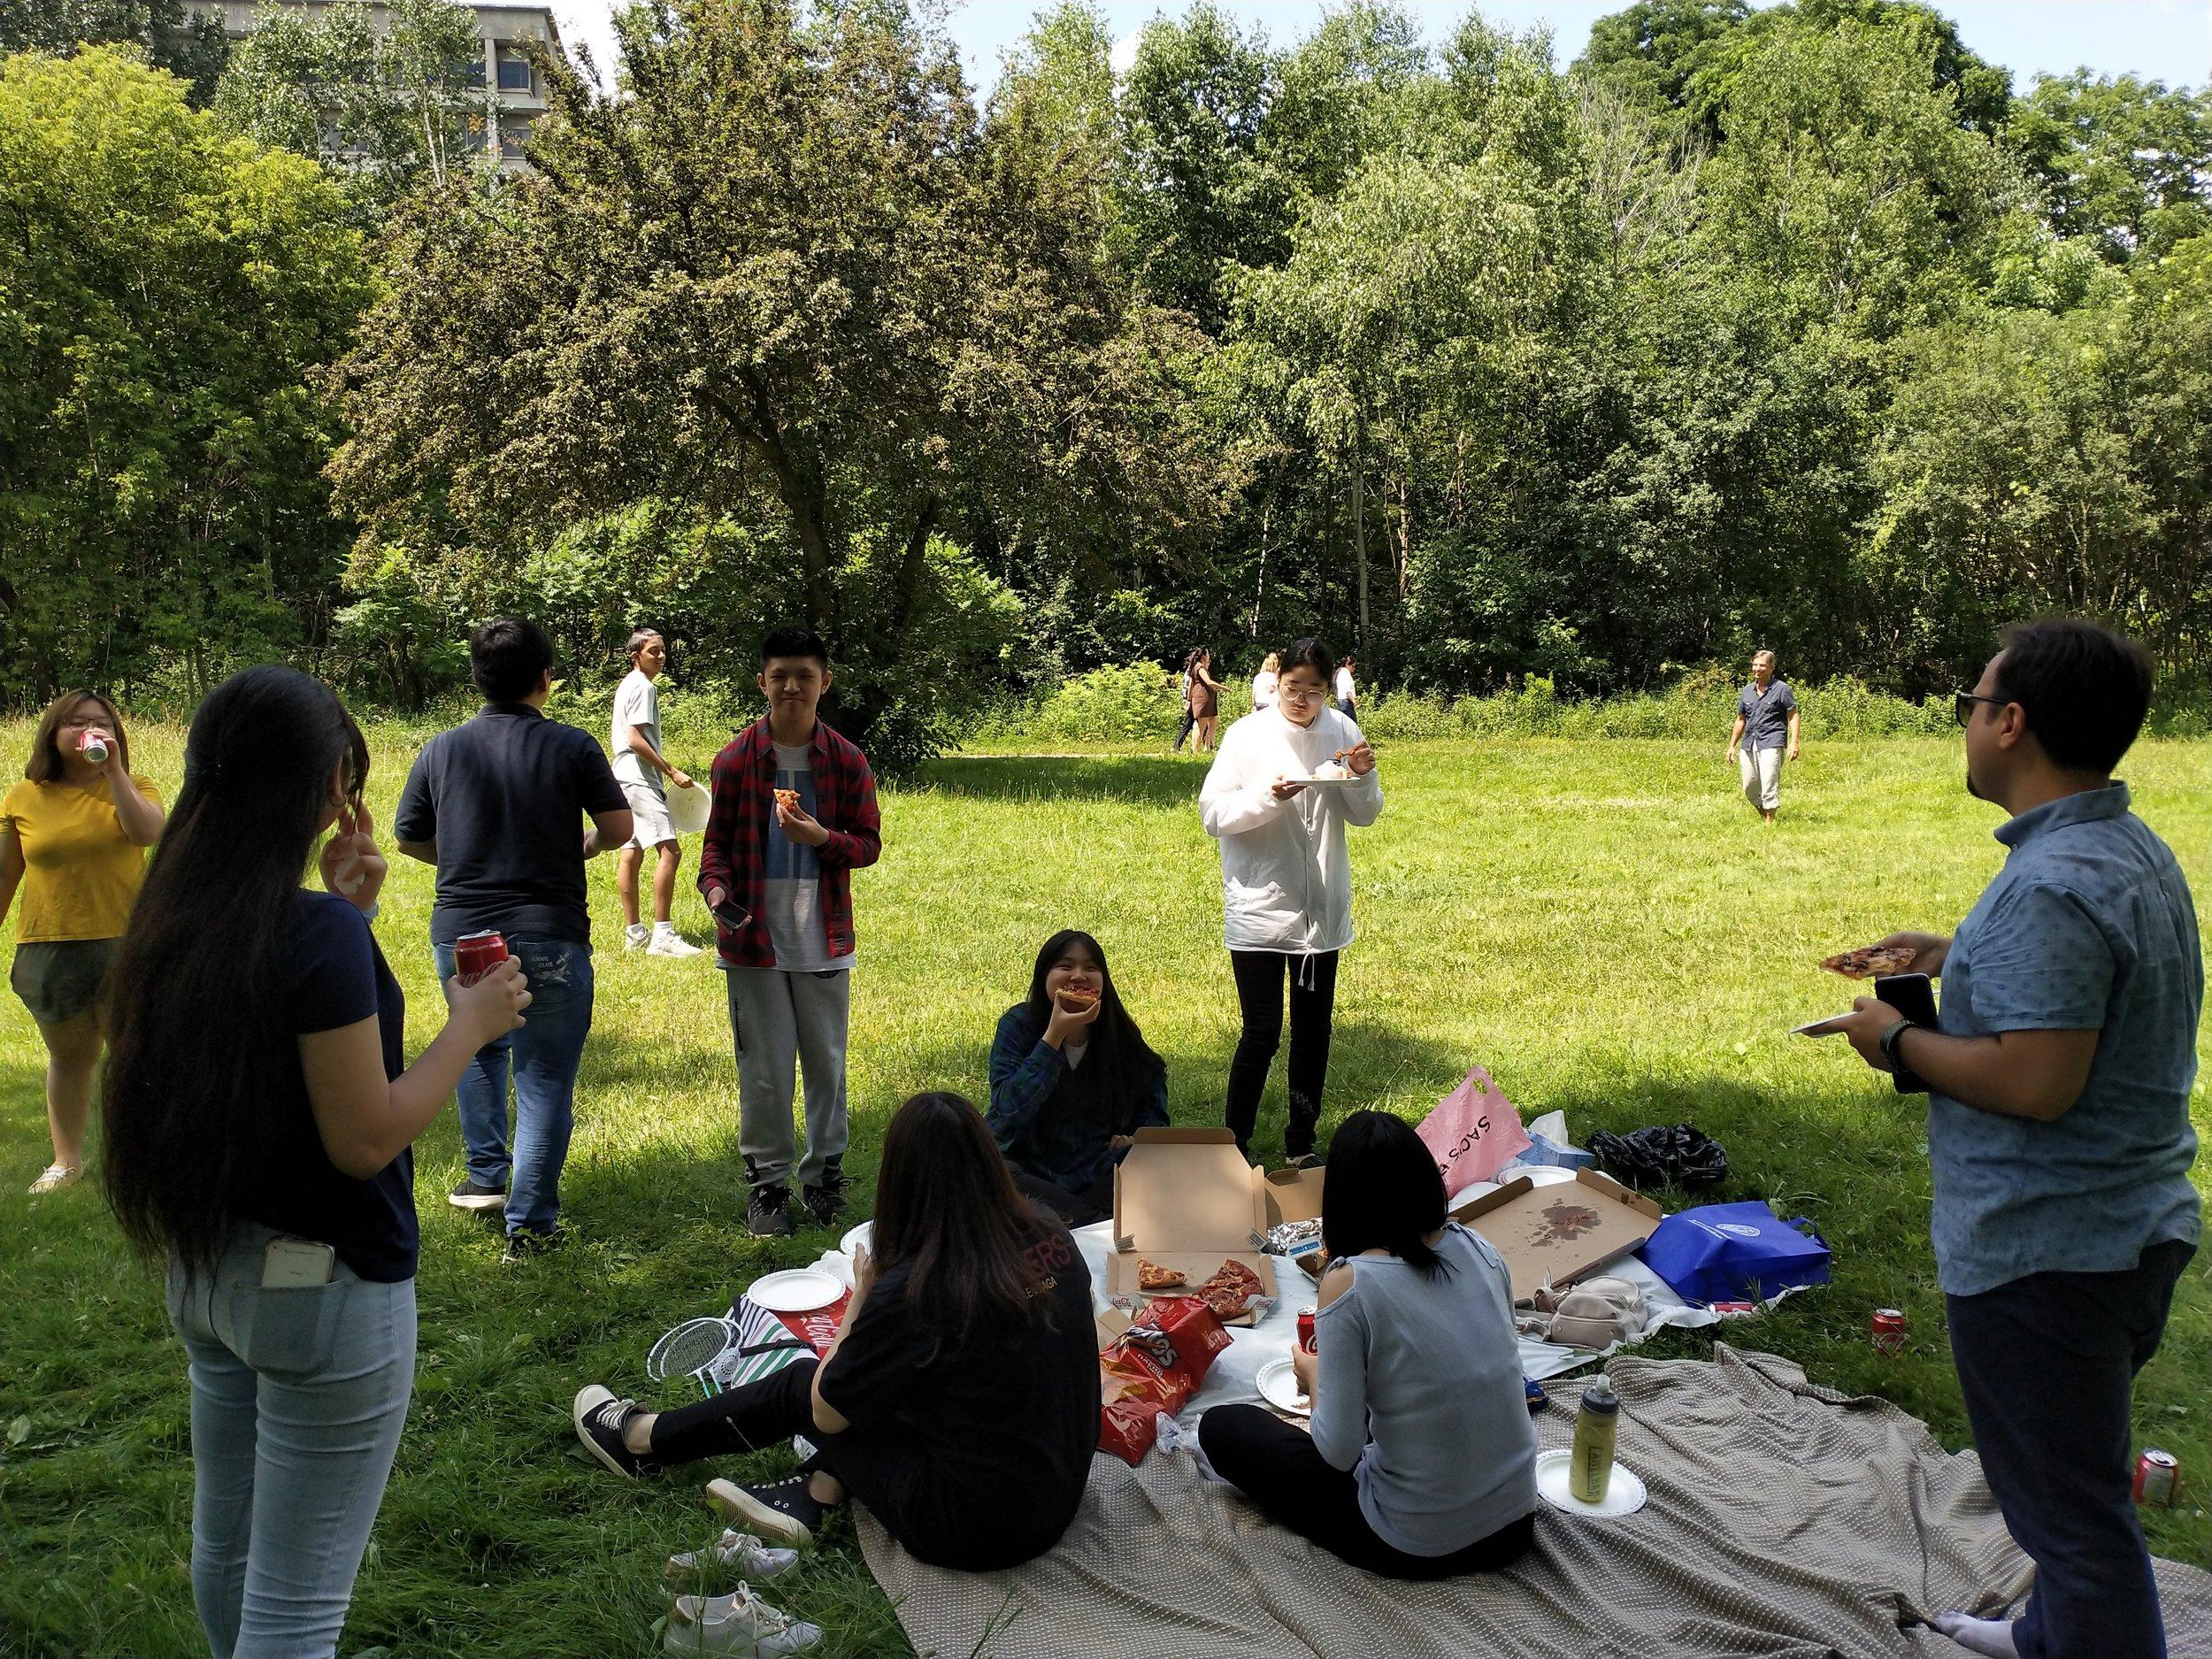 picnic eating.jpg